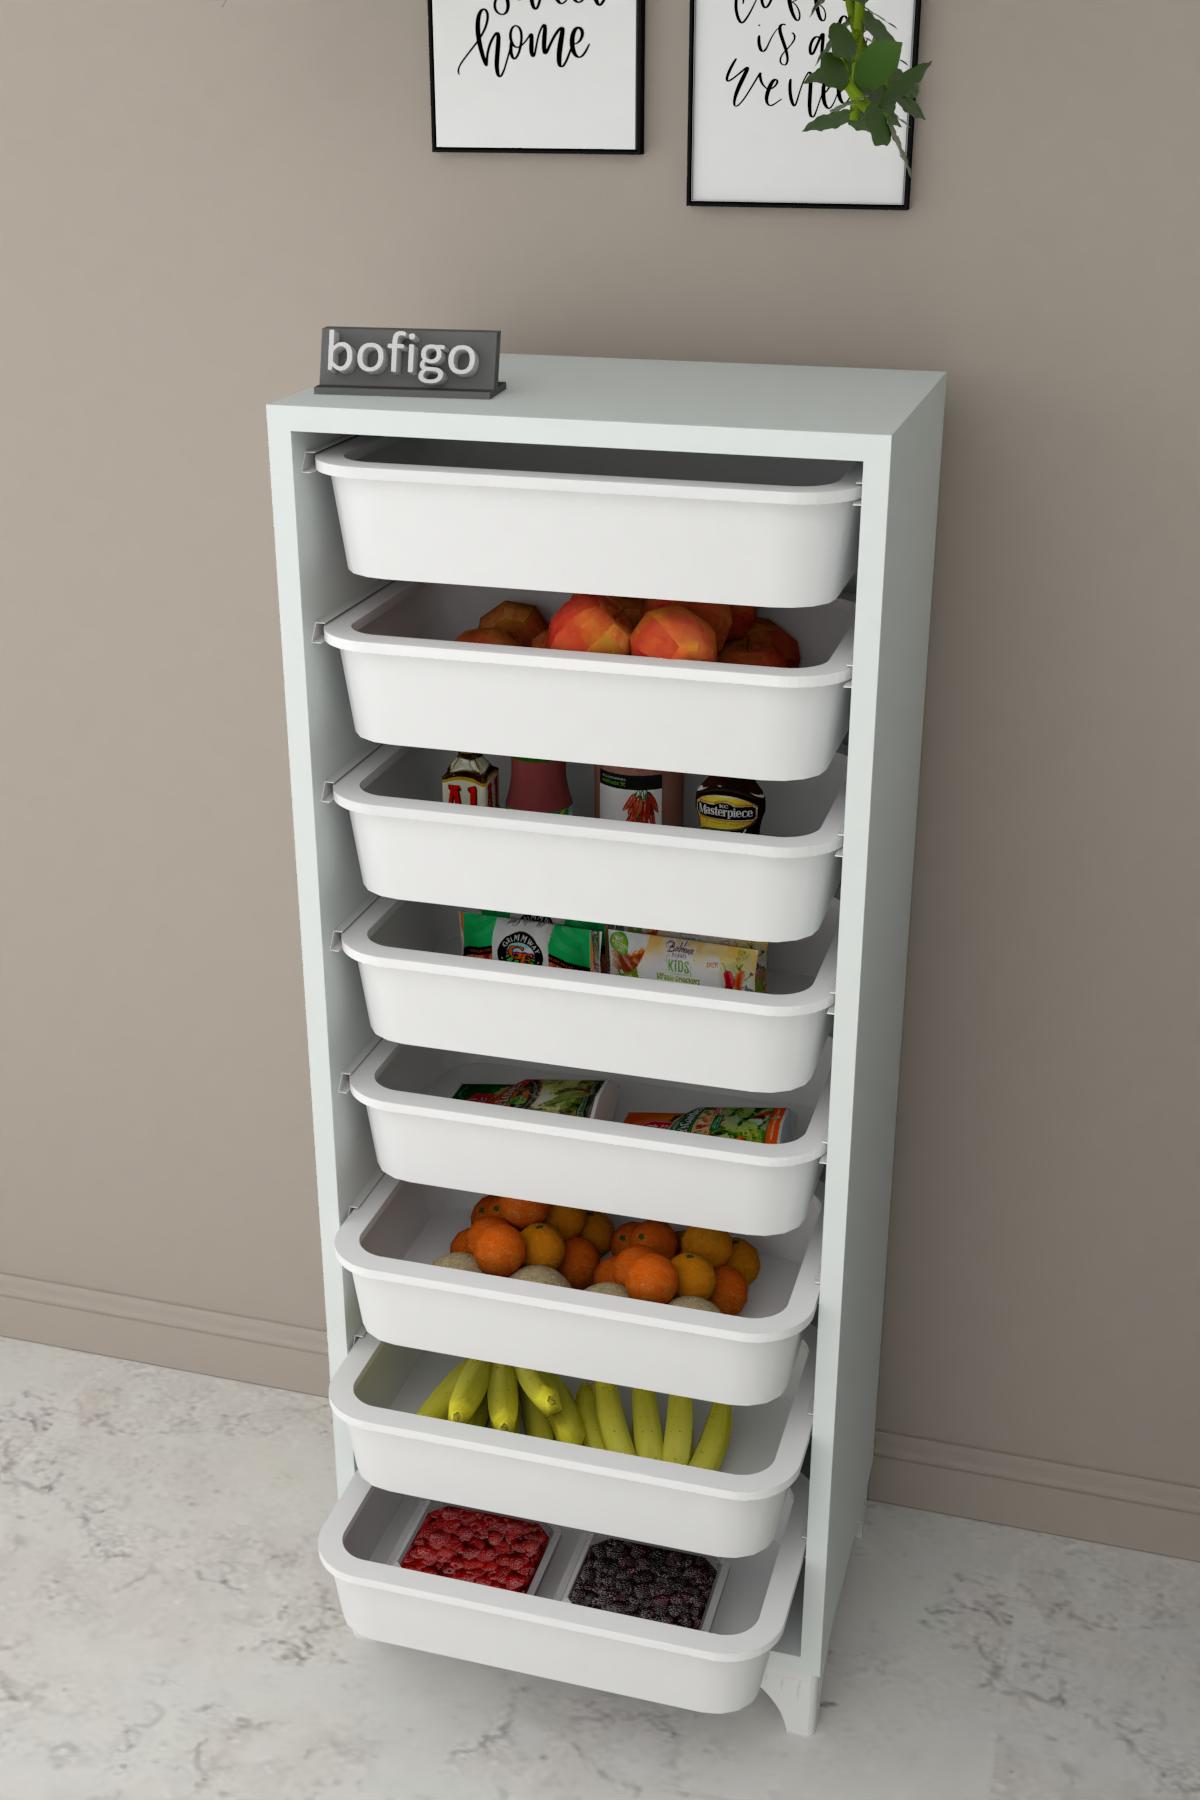 Bofigo 8 Sepetli Mutfak Dolabı Çok Amaçlı Dolap Sebzelik Beyaz